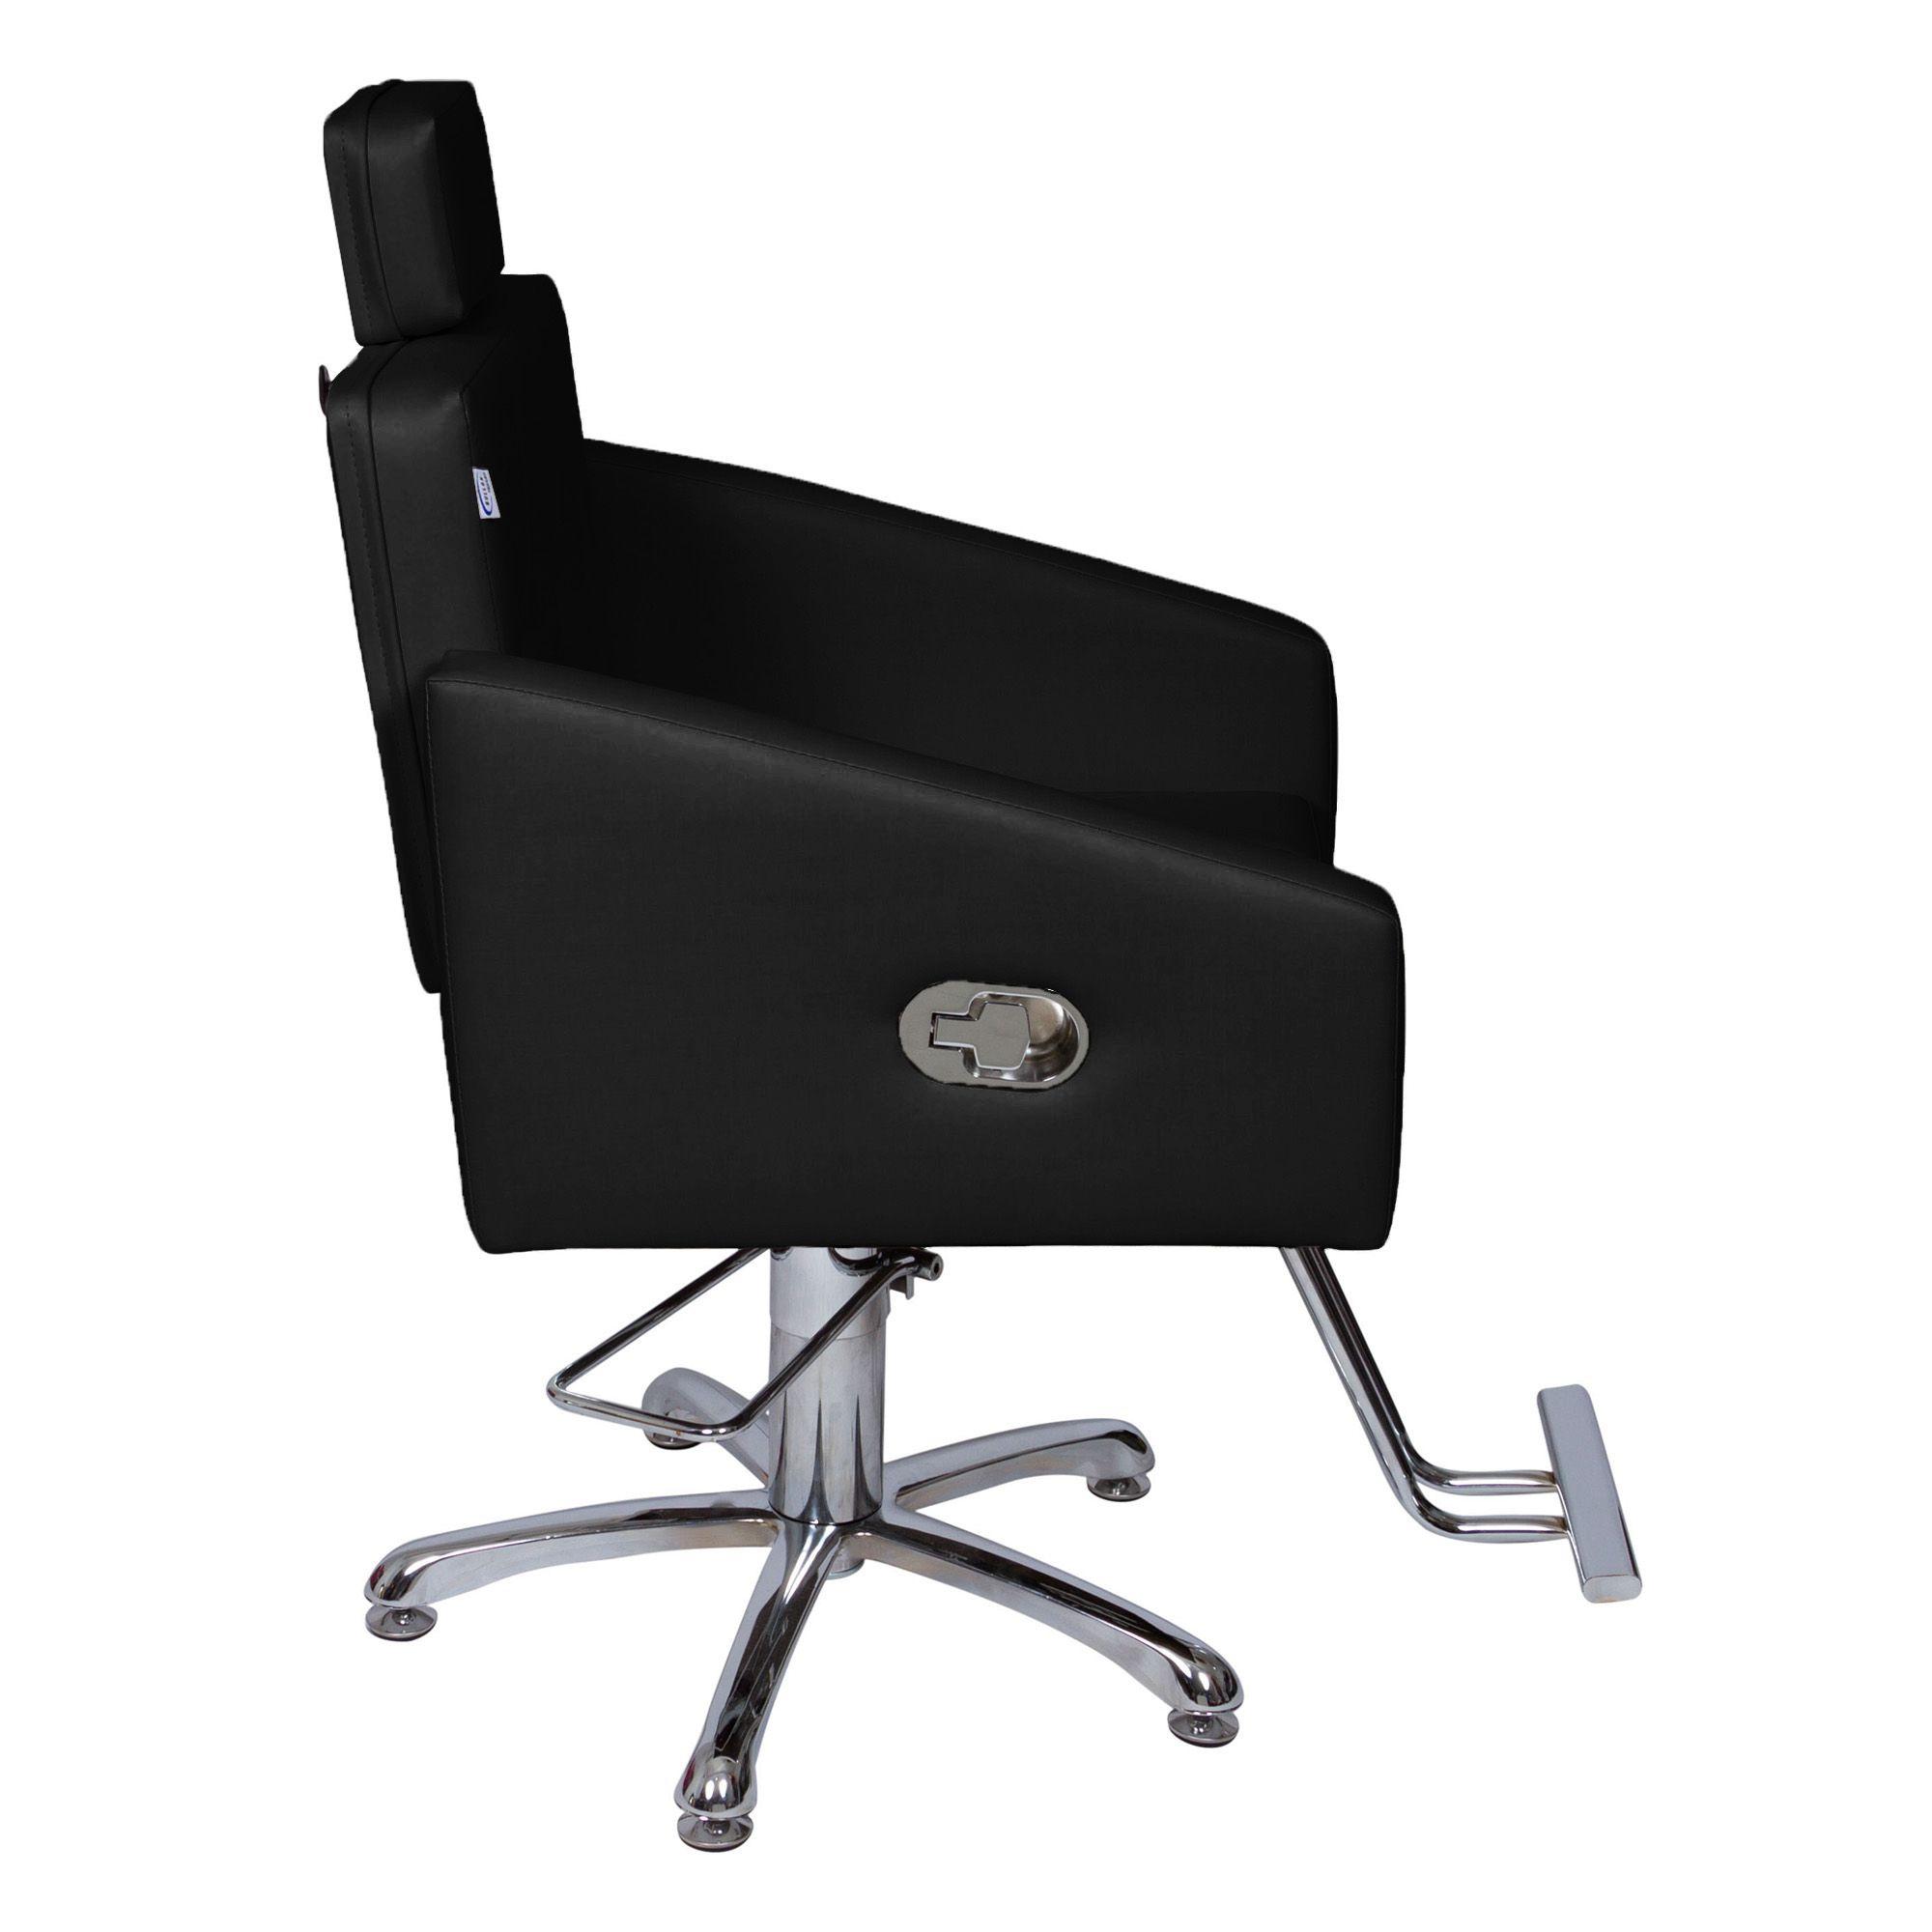 Poltrona Cadeira Hidráulica Diamante Reclinável Para Salão